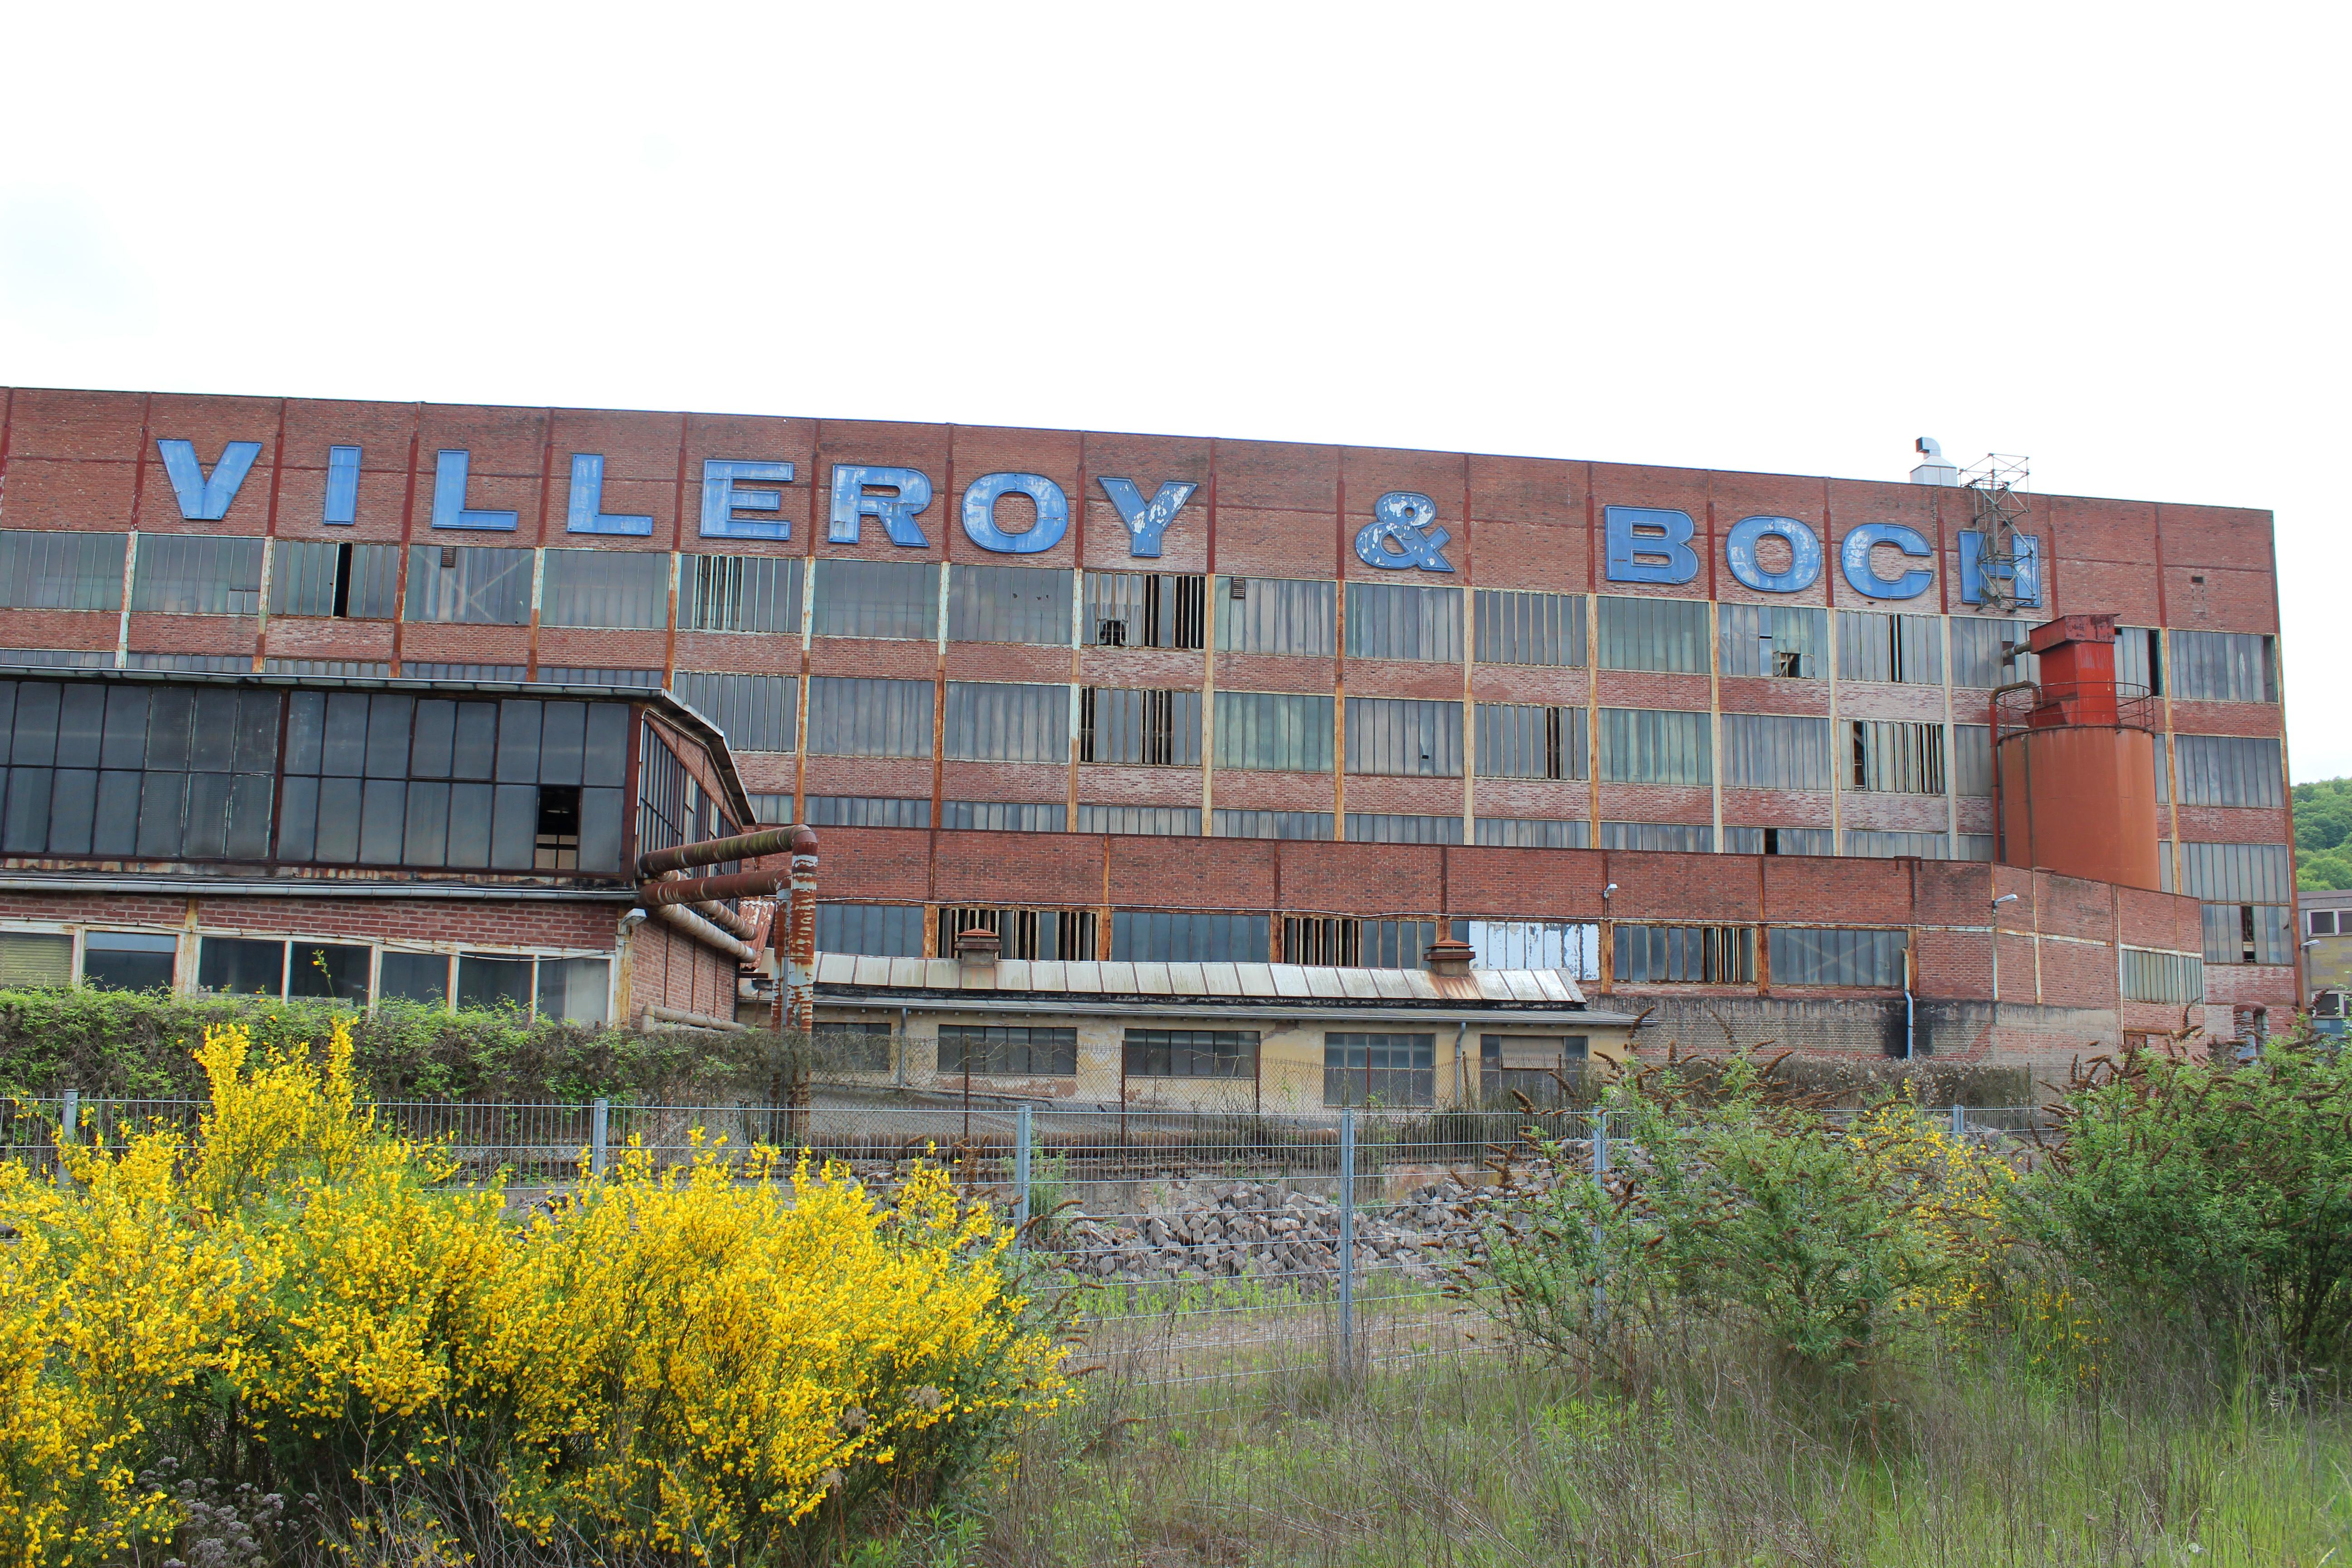 Villeroy Und Boch Mettlach file mettlach villeroy boch fabrikgebäude bahnhof 01 jpg